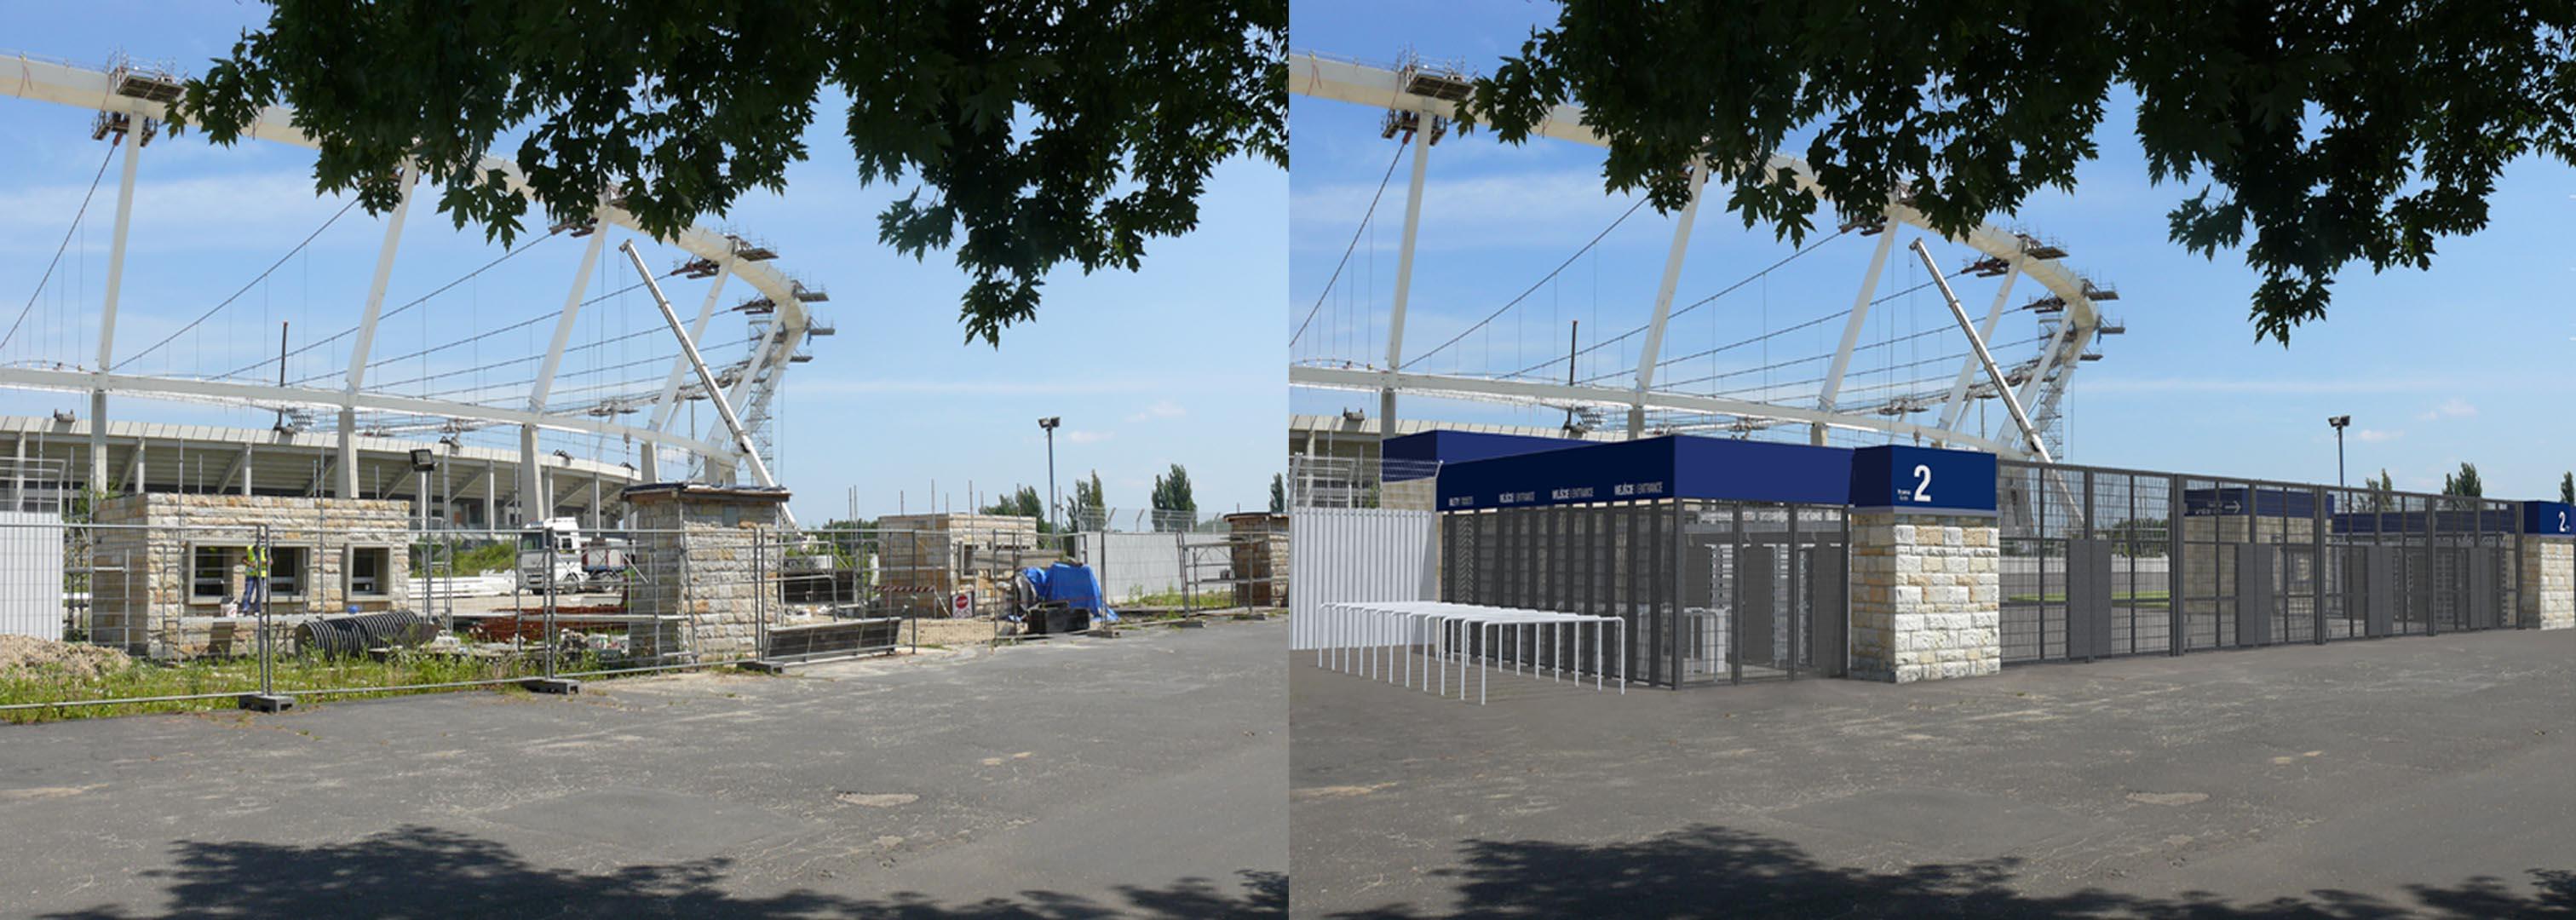 Wizualizacja wejść na stadion Śląski w Chorzowie